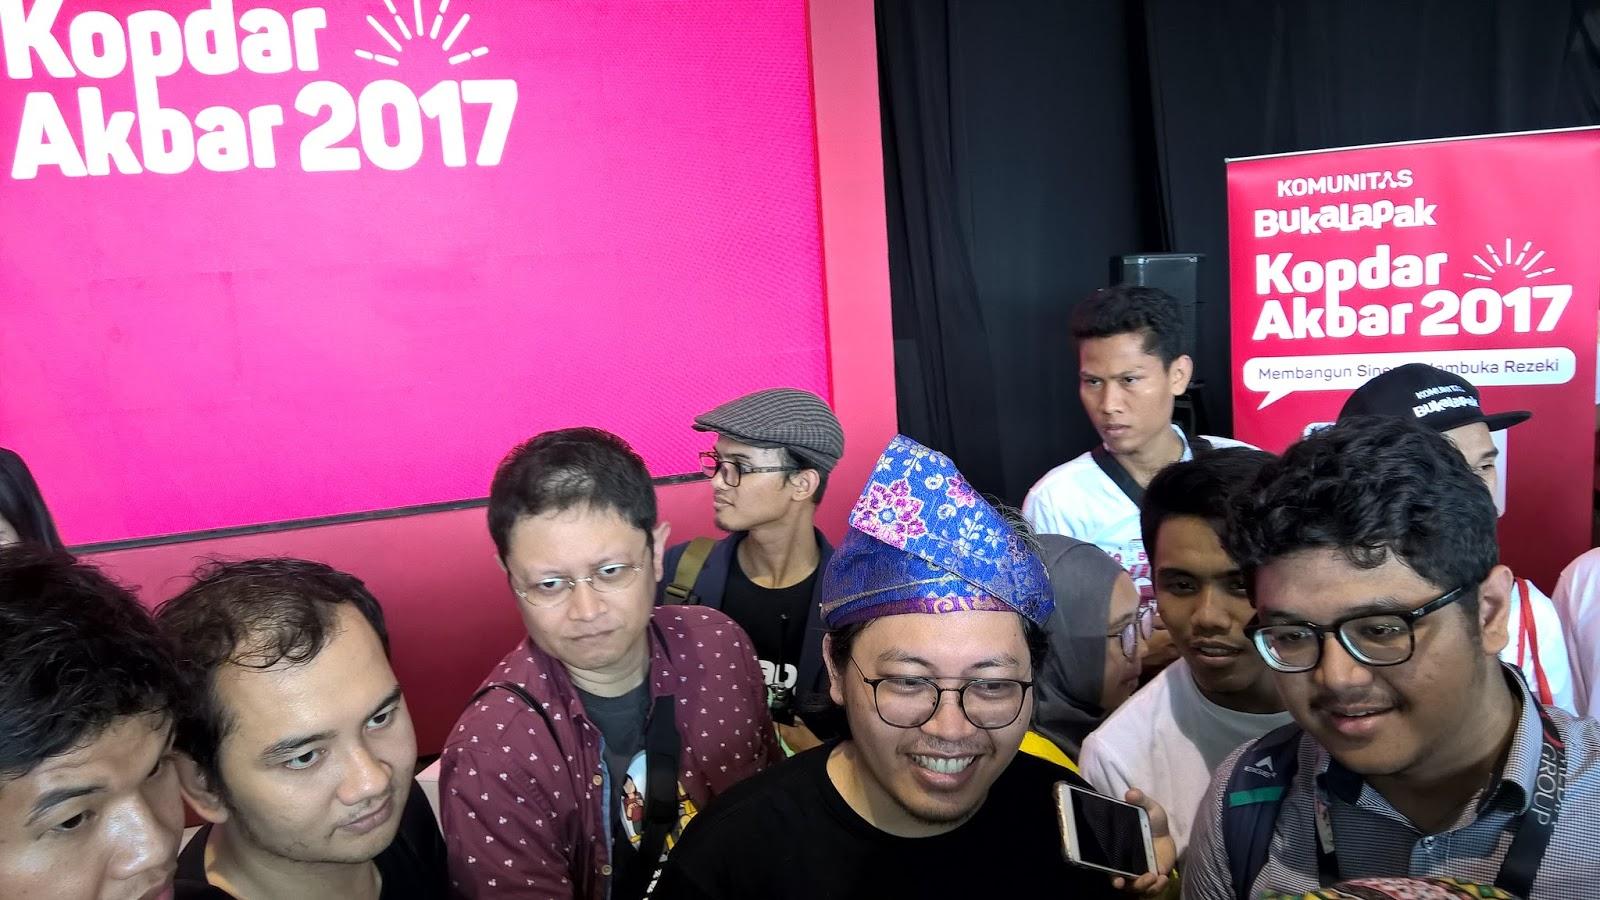 Wawancara dengan Achmad Zaky Selaku Pendiri BukaLapak